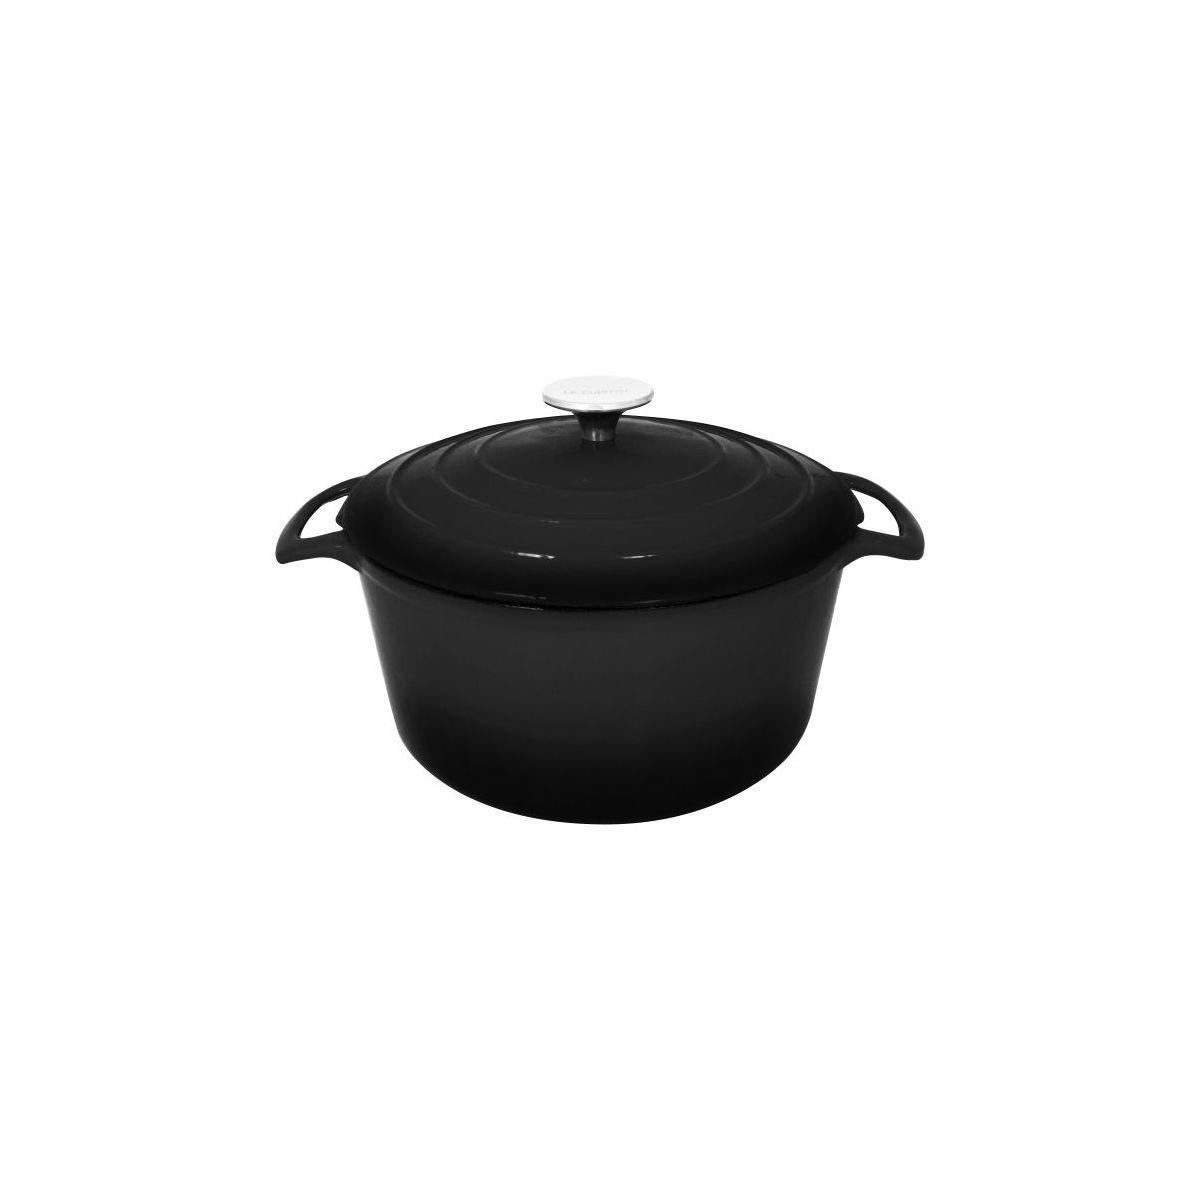 Cocotte ronde table & cook fonte noire diam 28 cm - 2% de remise imm�diate avec le code